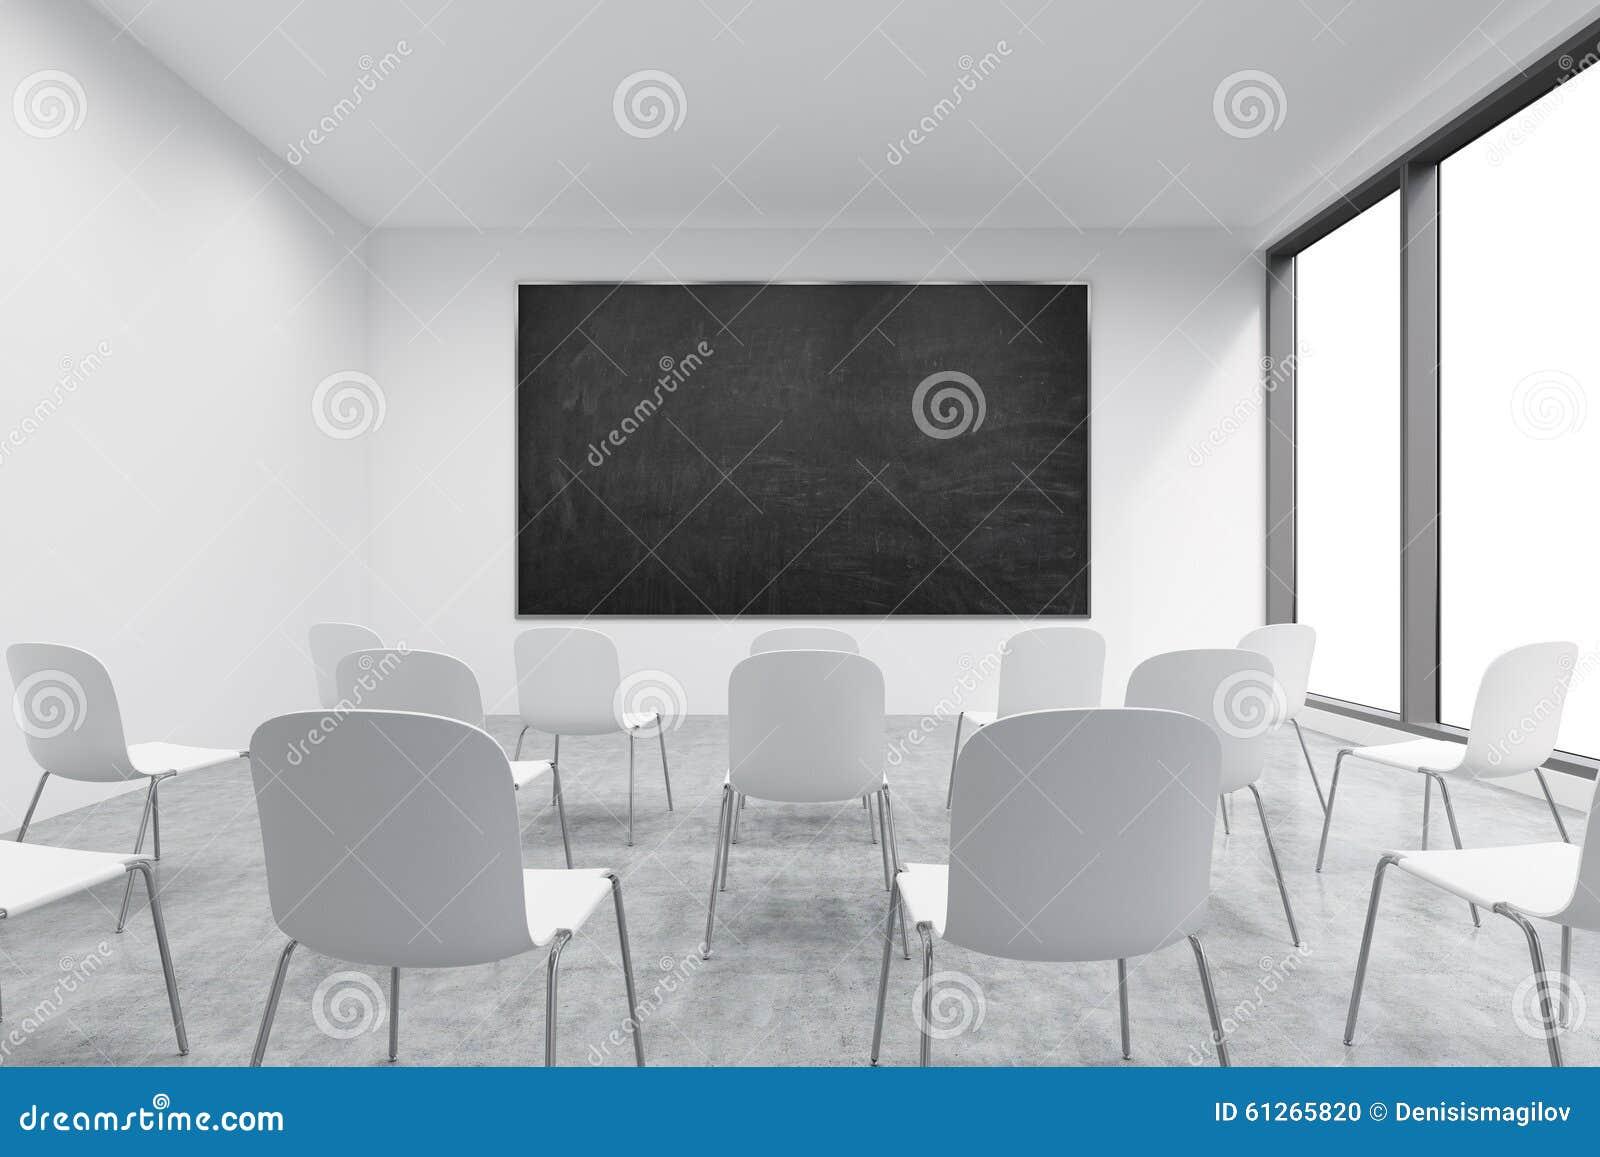 Sedie Ufficio Bianche : Unaula o una stanza di presentazione in ununiversità o in un